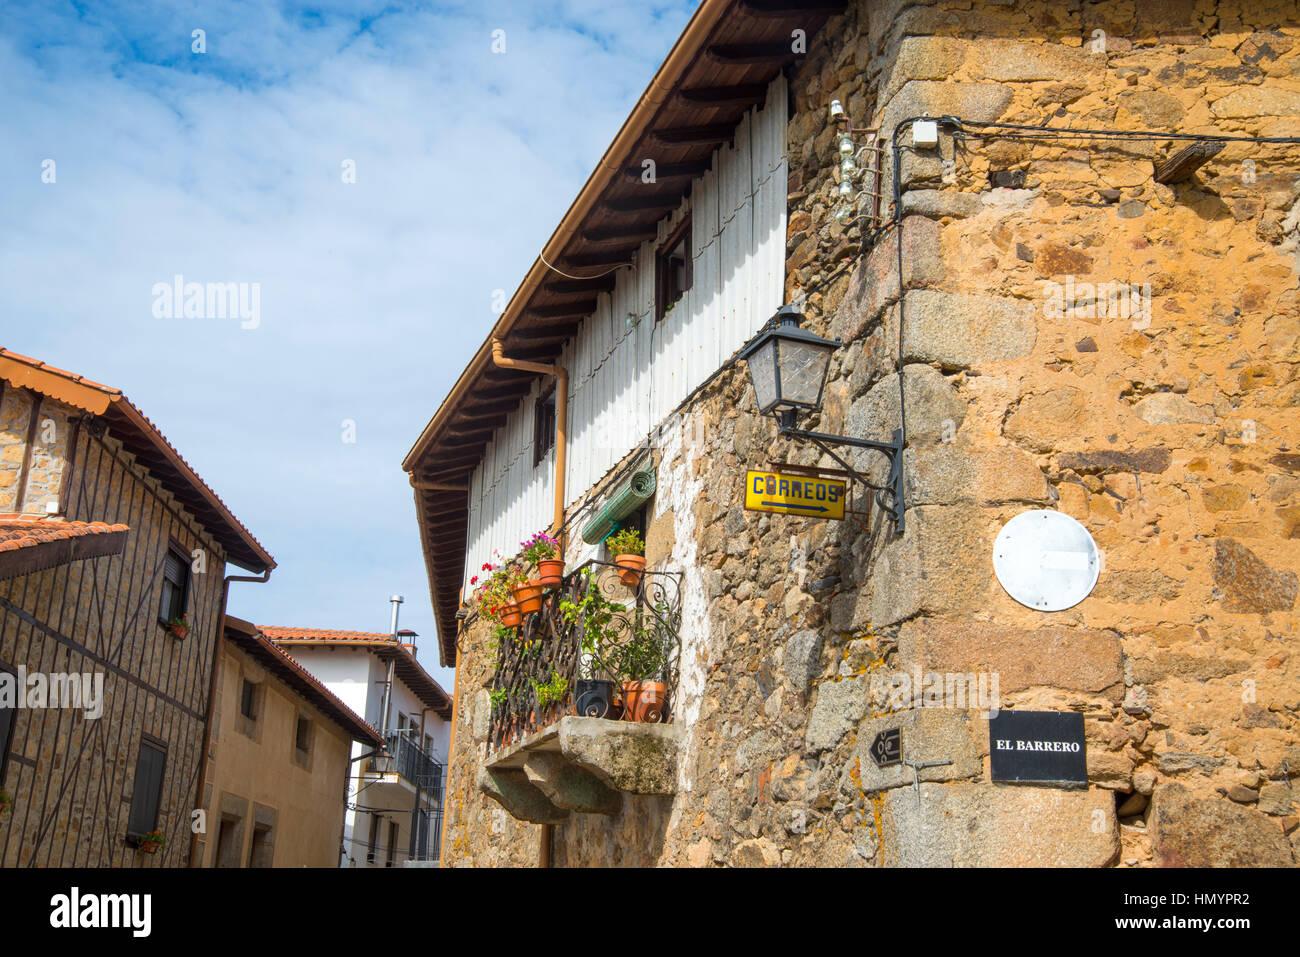 La facciata della casa. Sequeros, Sierra de Francia Riserva Naturale, provincia di Salamanca, Castilla Leon, Spagna. Immagini Stock